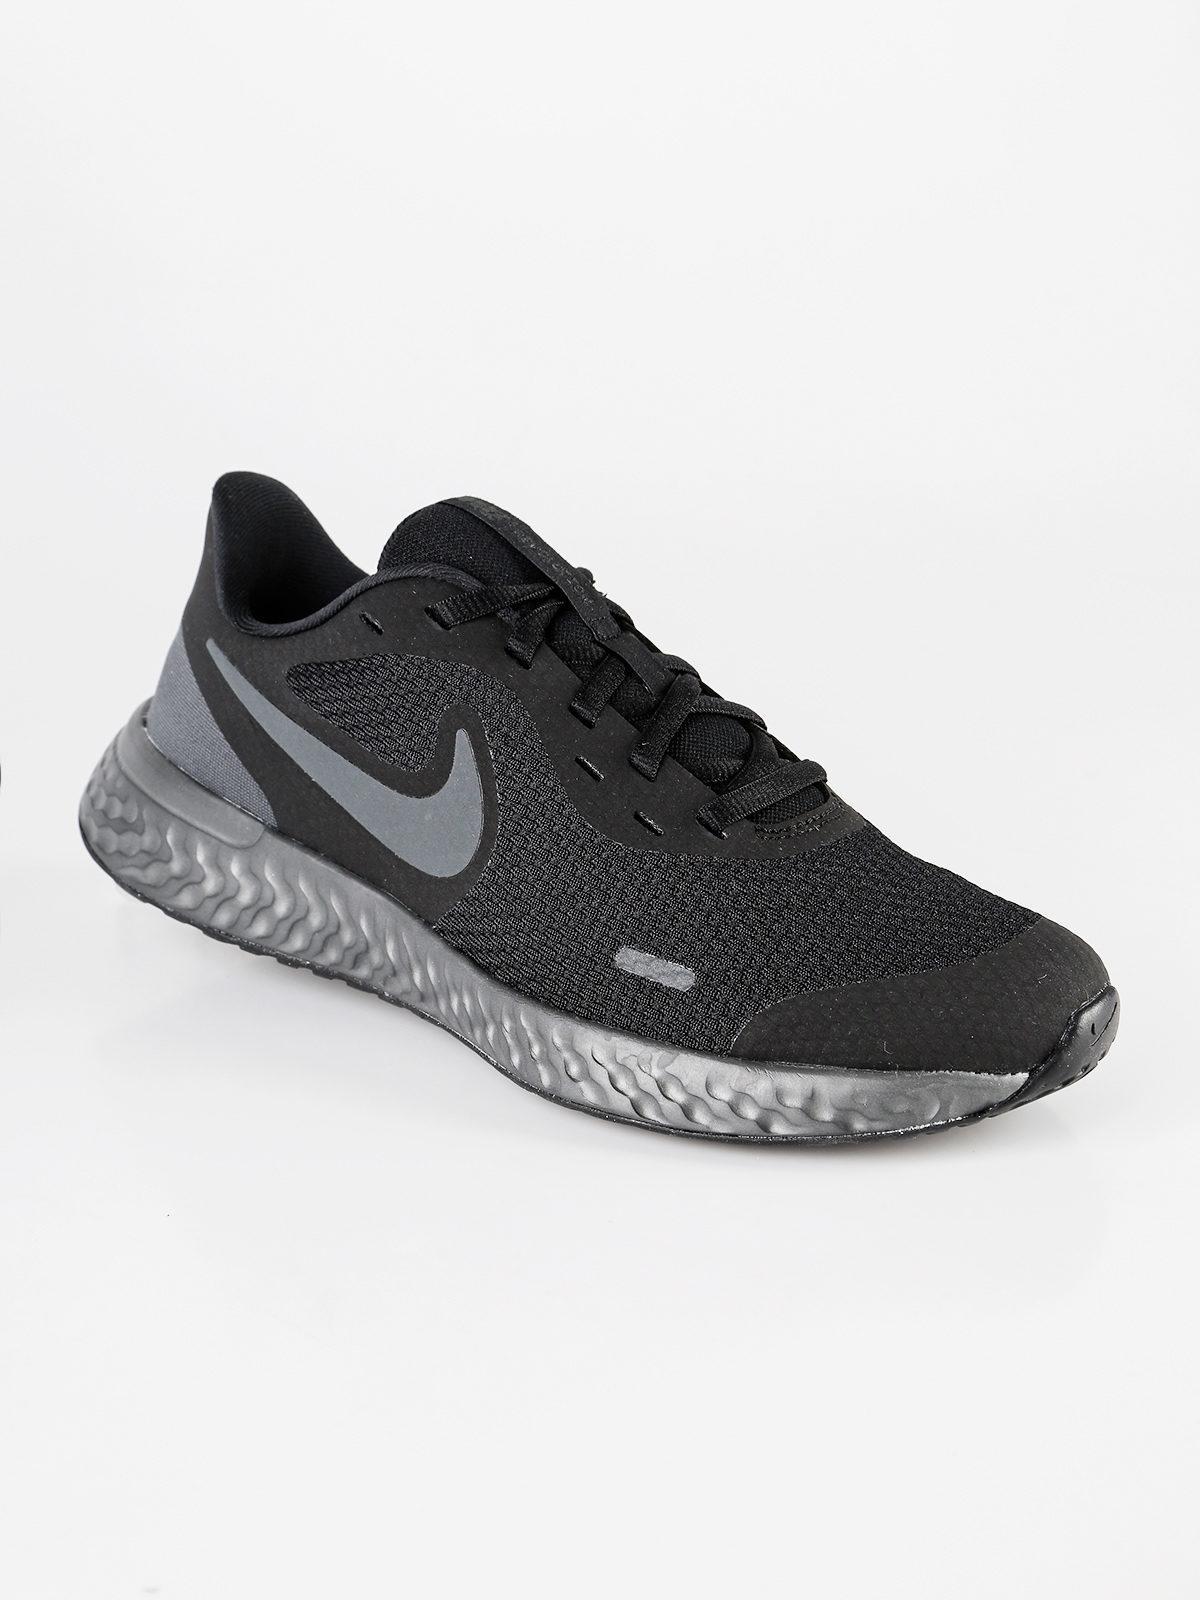 Nike Revolution 3 Ragazza Sconti,scarpe Running Nere E